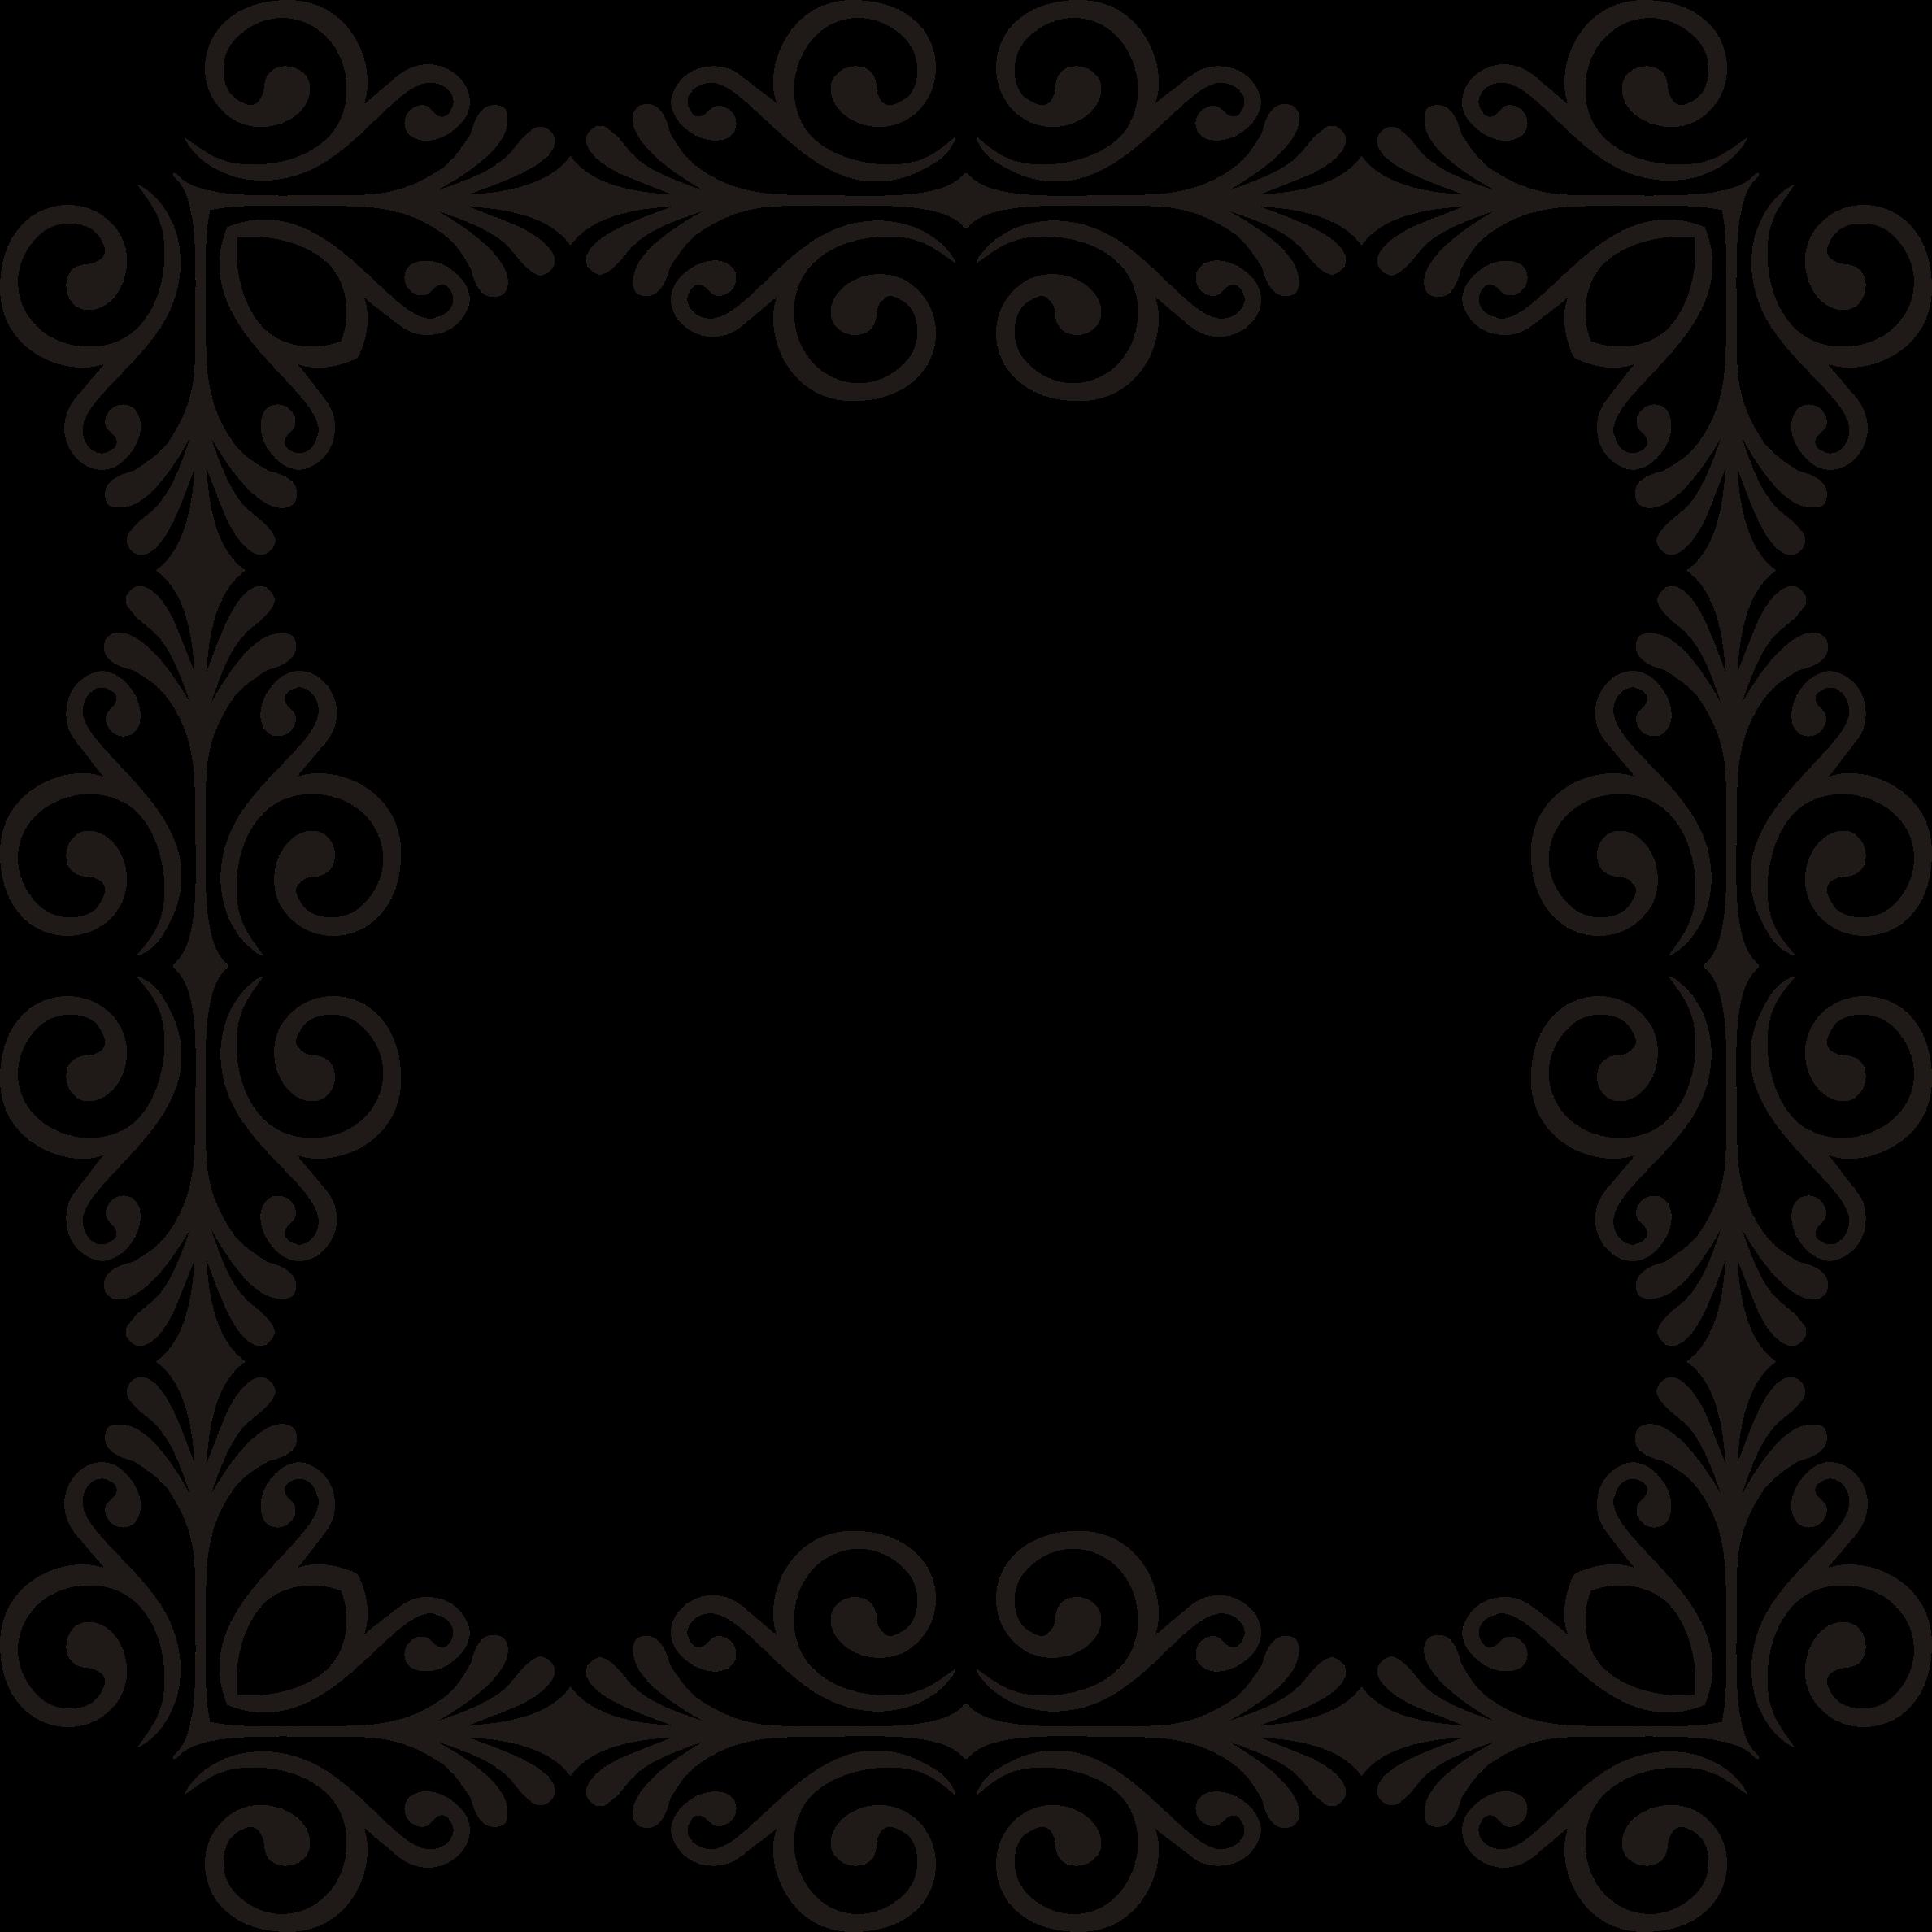 Clipart Art Deco Style Flourish Frame 11